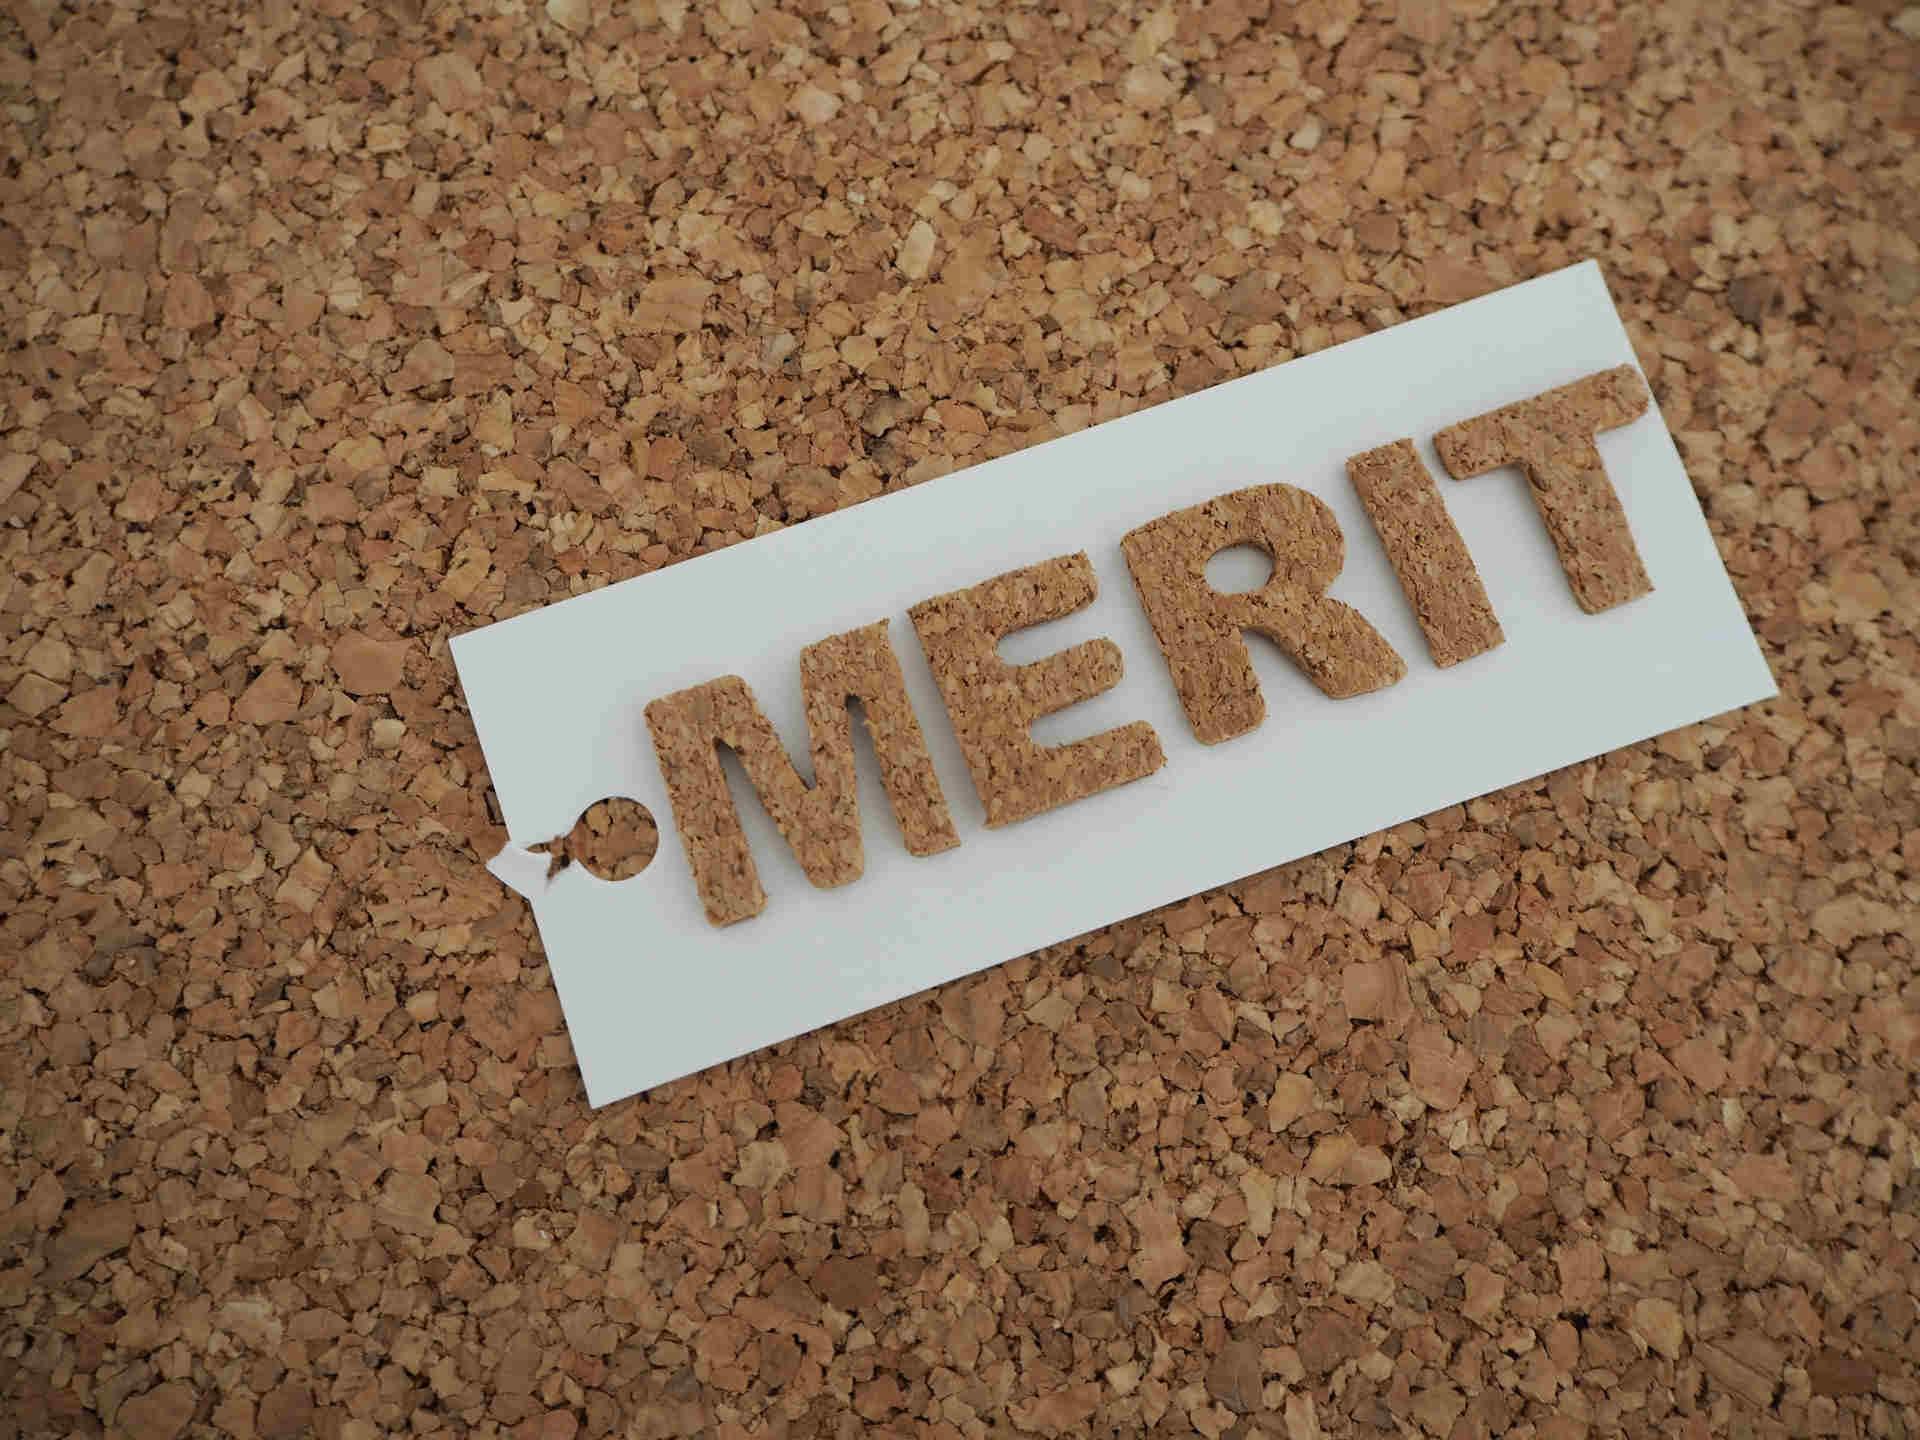 コルクボードに書かれたメリットの文字